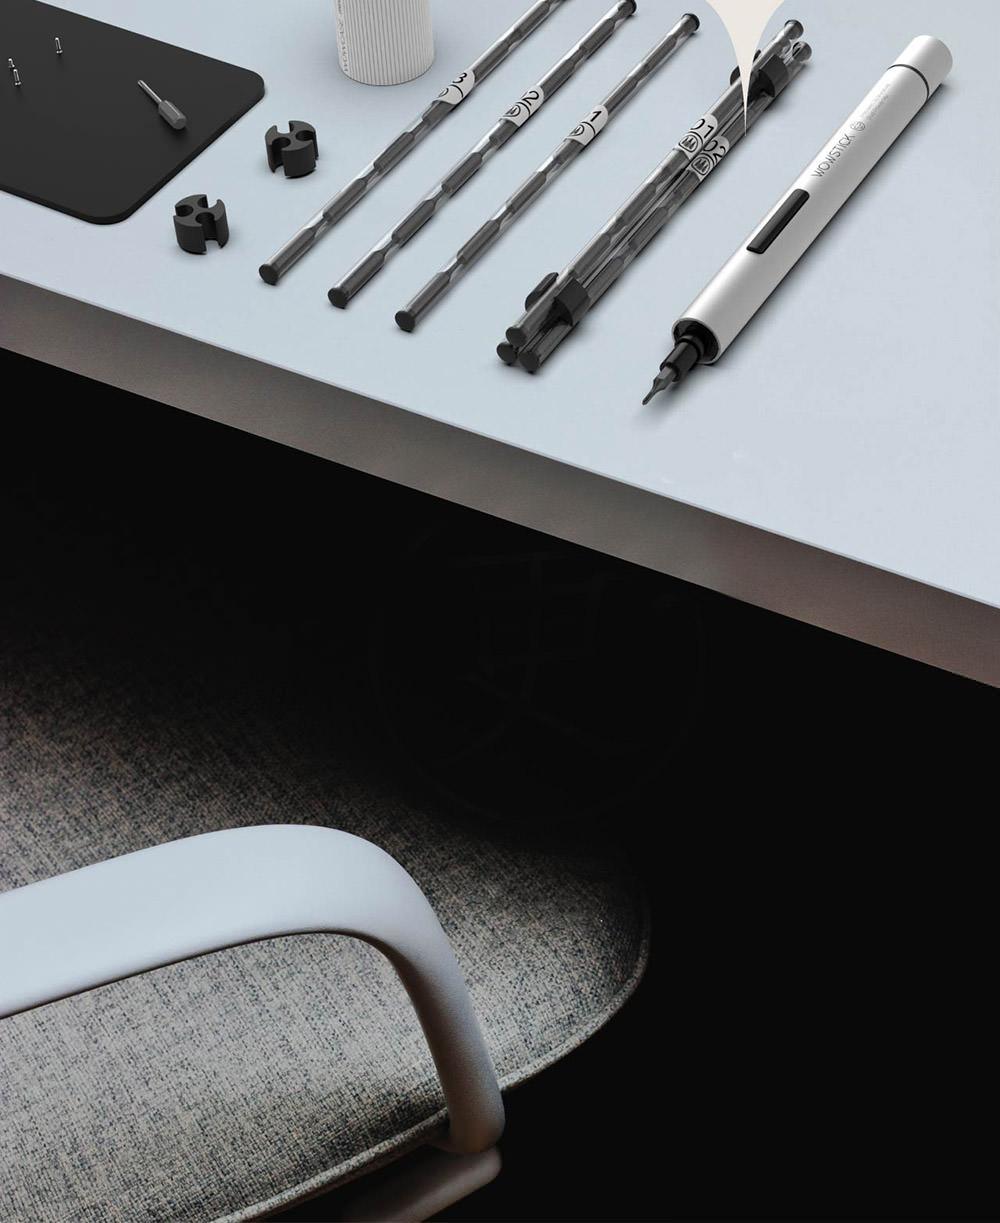 xiaomi wowstick 1p+ screwdriver 2019